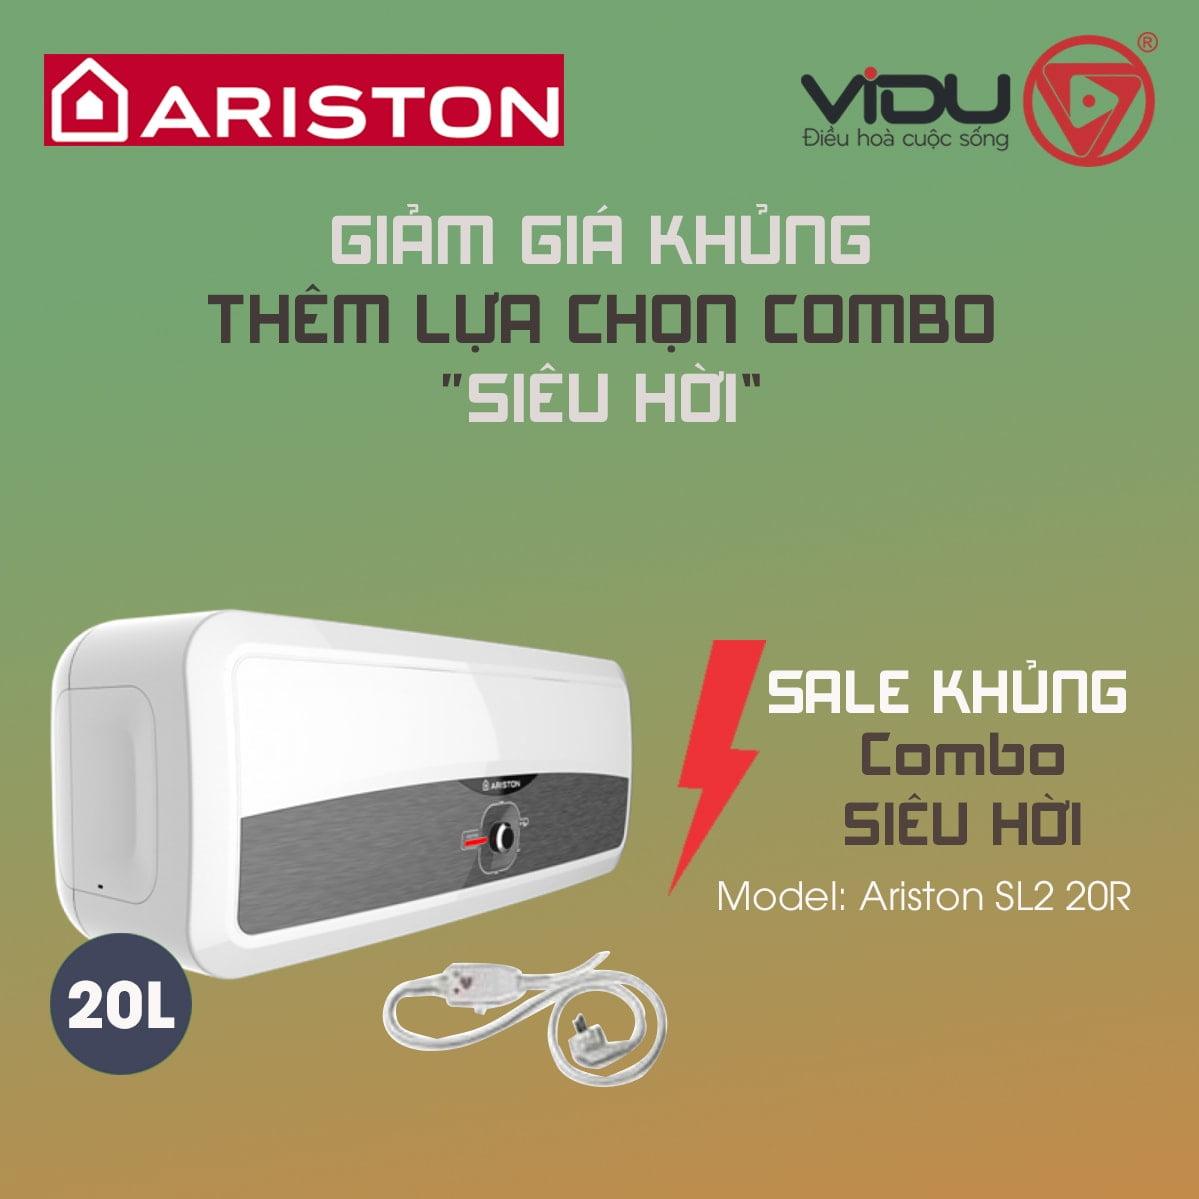 Bình nóng lạnh 20L Ariston SL2 20R